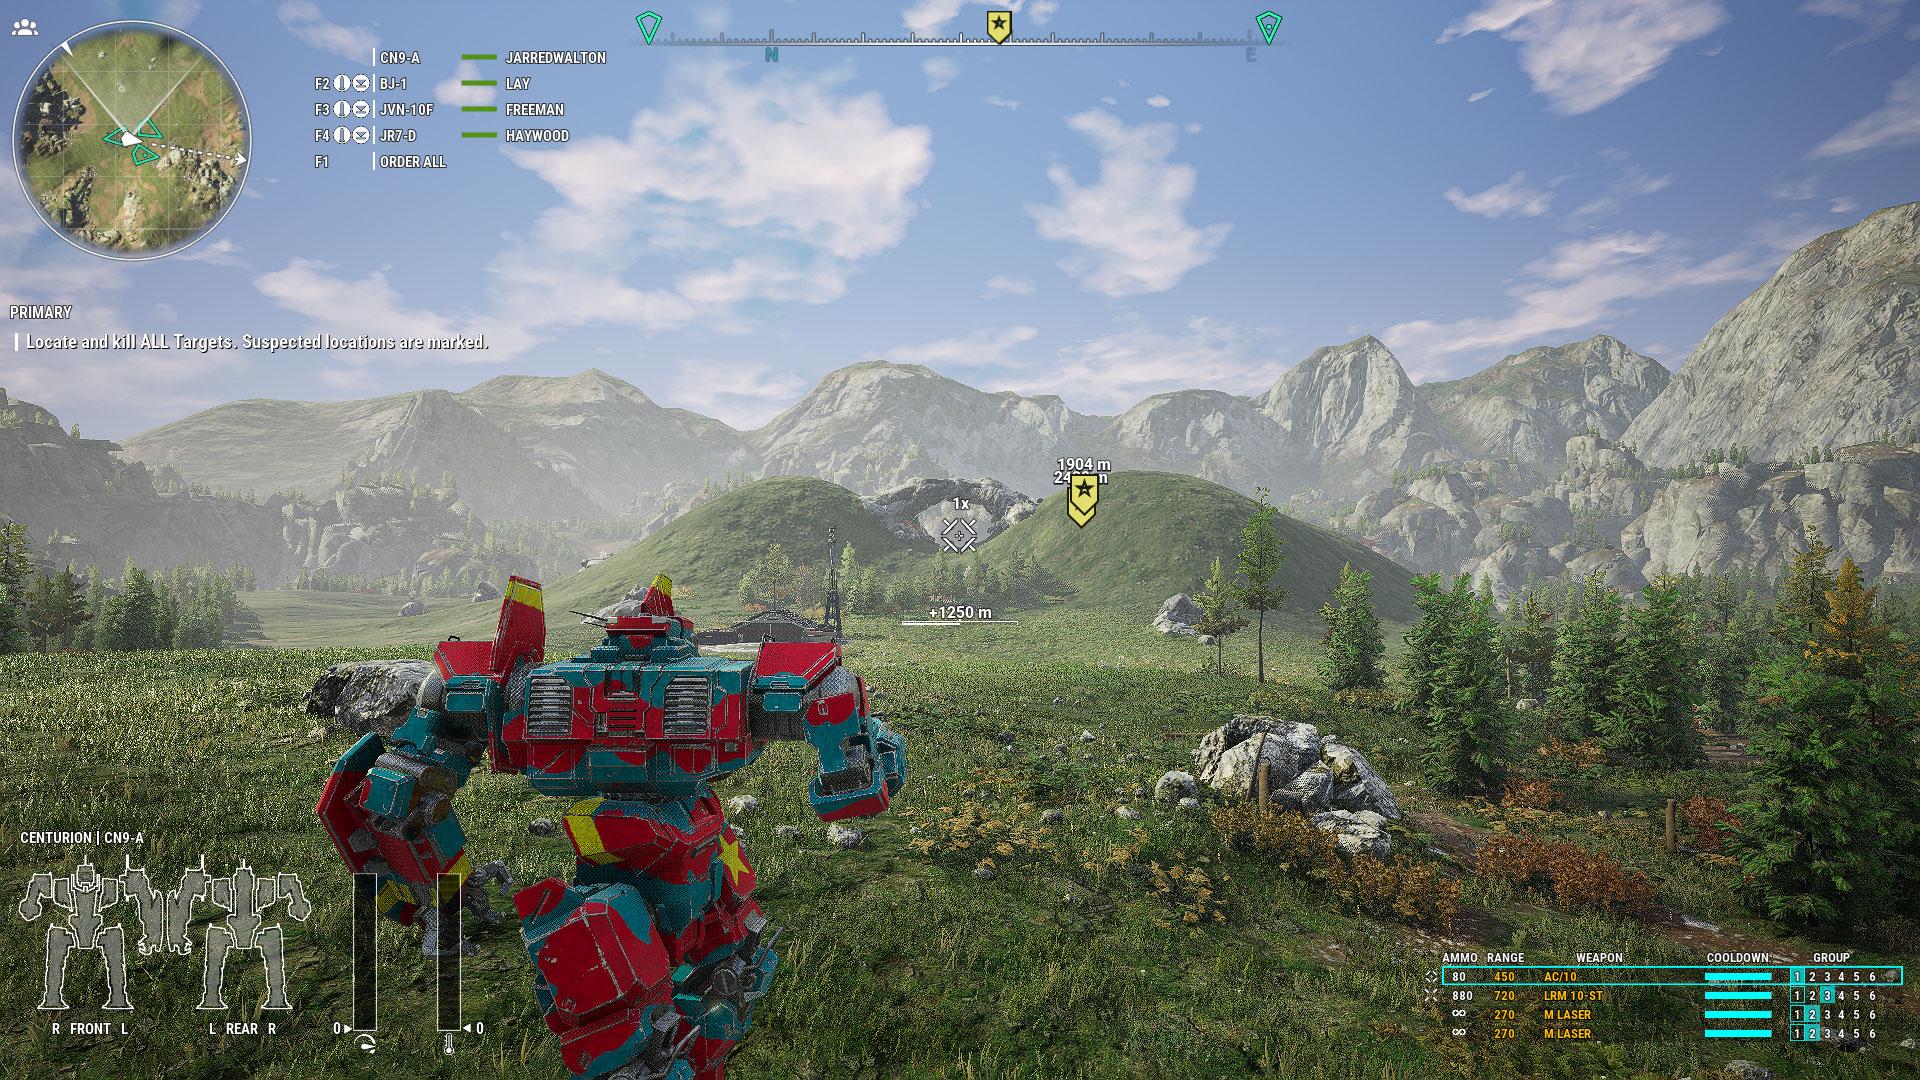 The best graphics settings for MechWarrior 5: Mercenaries